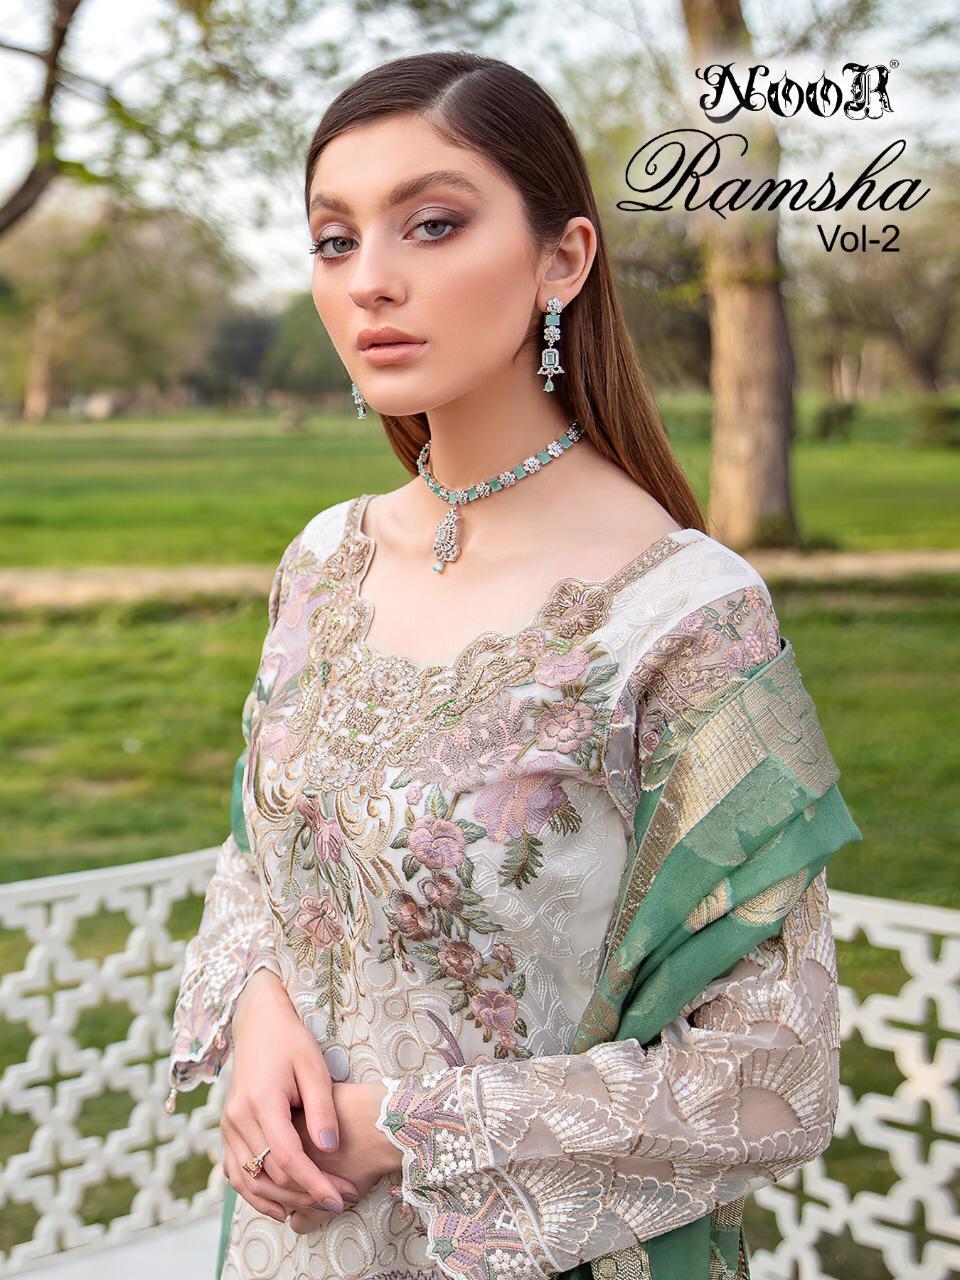 Noor Ramsha Vol-2 Series 801-803 Georgette With Heavy Embroidery Suit